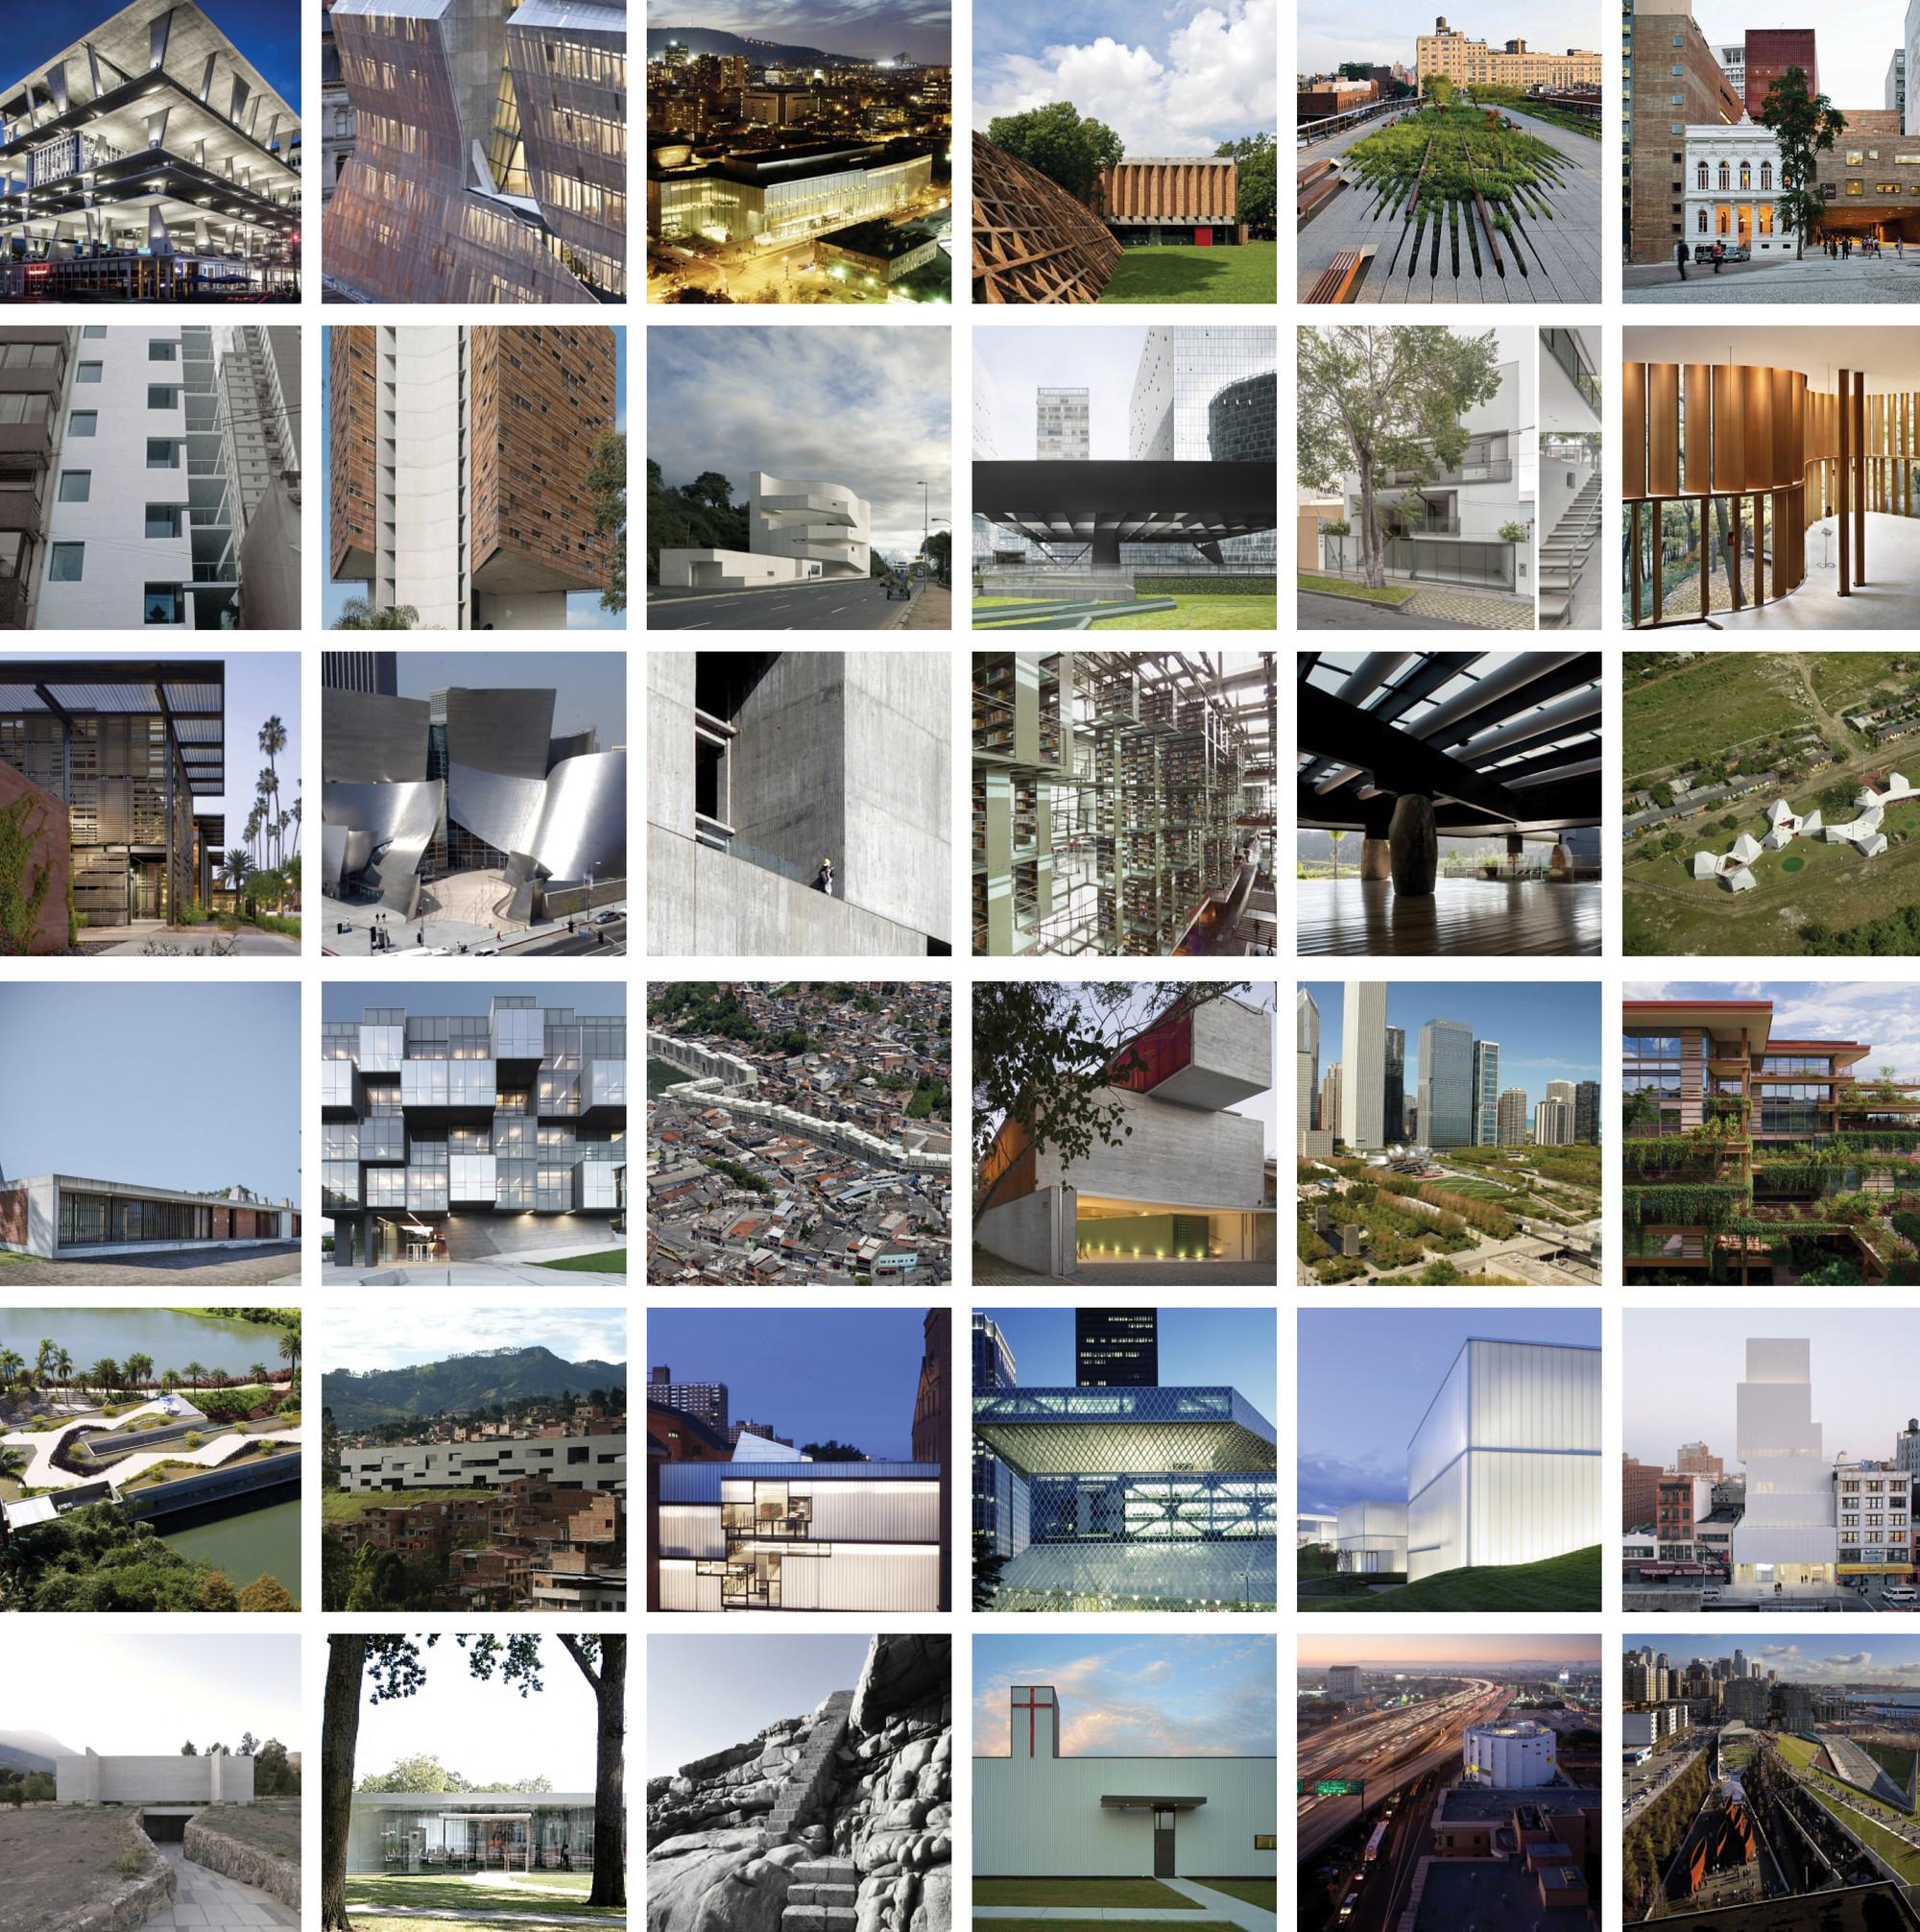 """MCHAP divulga lista com os 36 """"projetos mais impressionantes"""" nas Américas"""